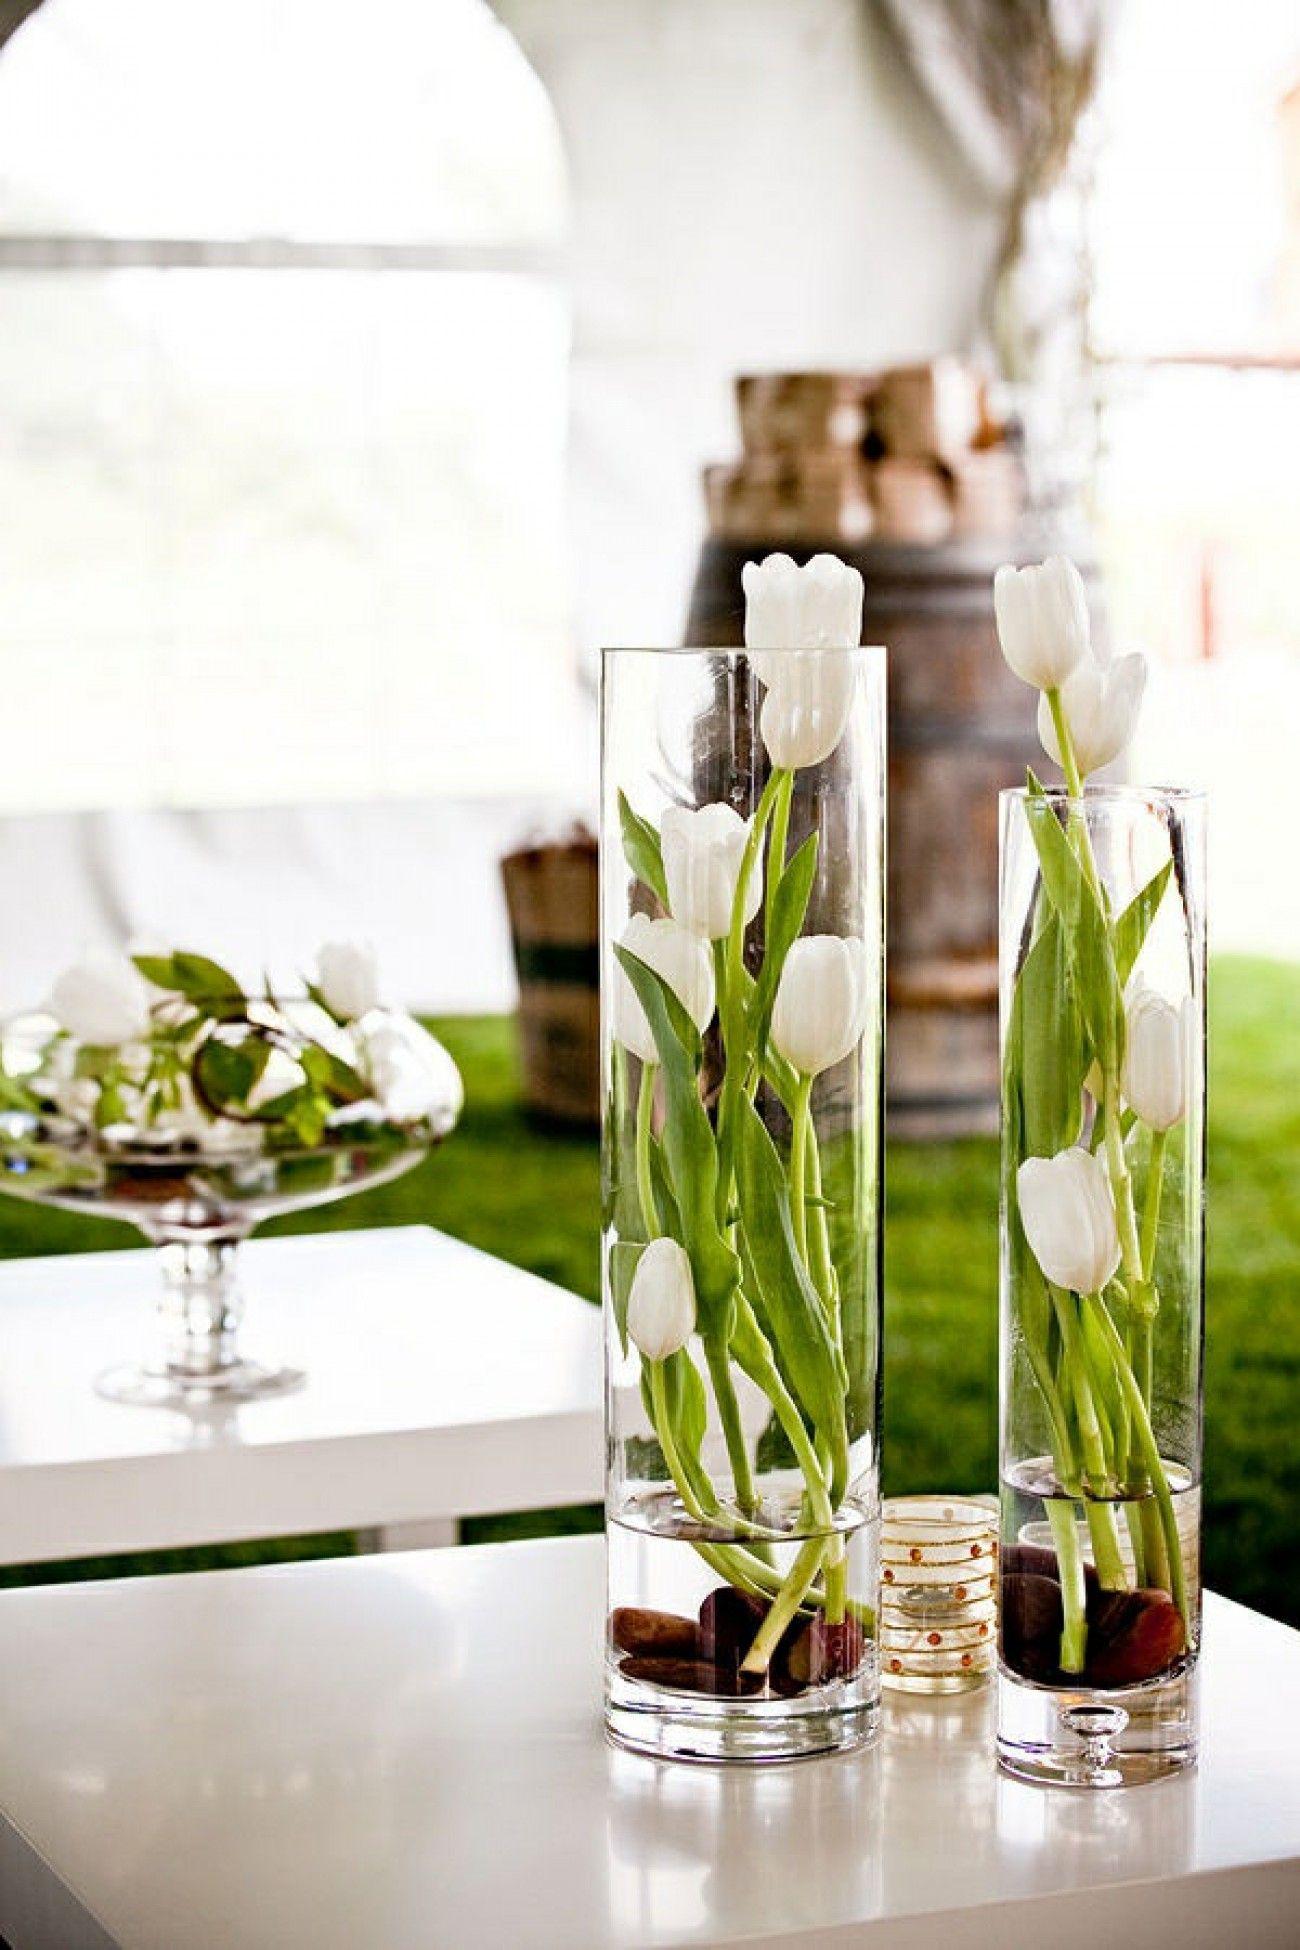 edle tischdekoration fr die hochzeit mit weien tuplen und schmalen vasen - Tischdeko Fur Wohnzimmer